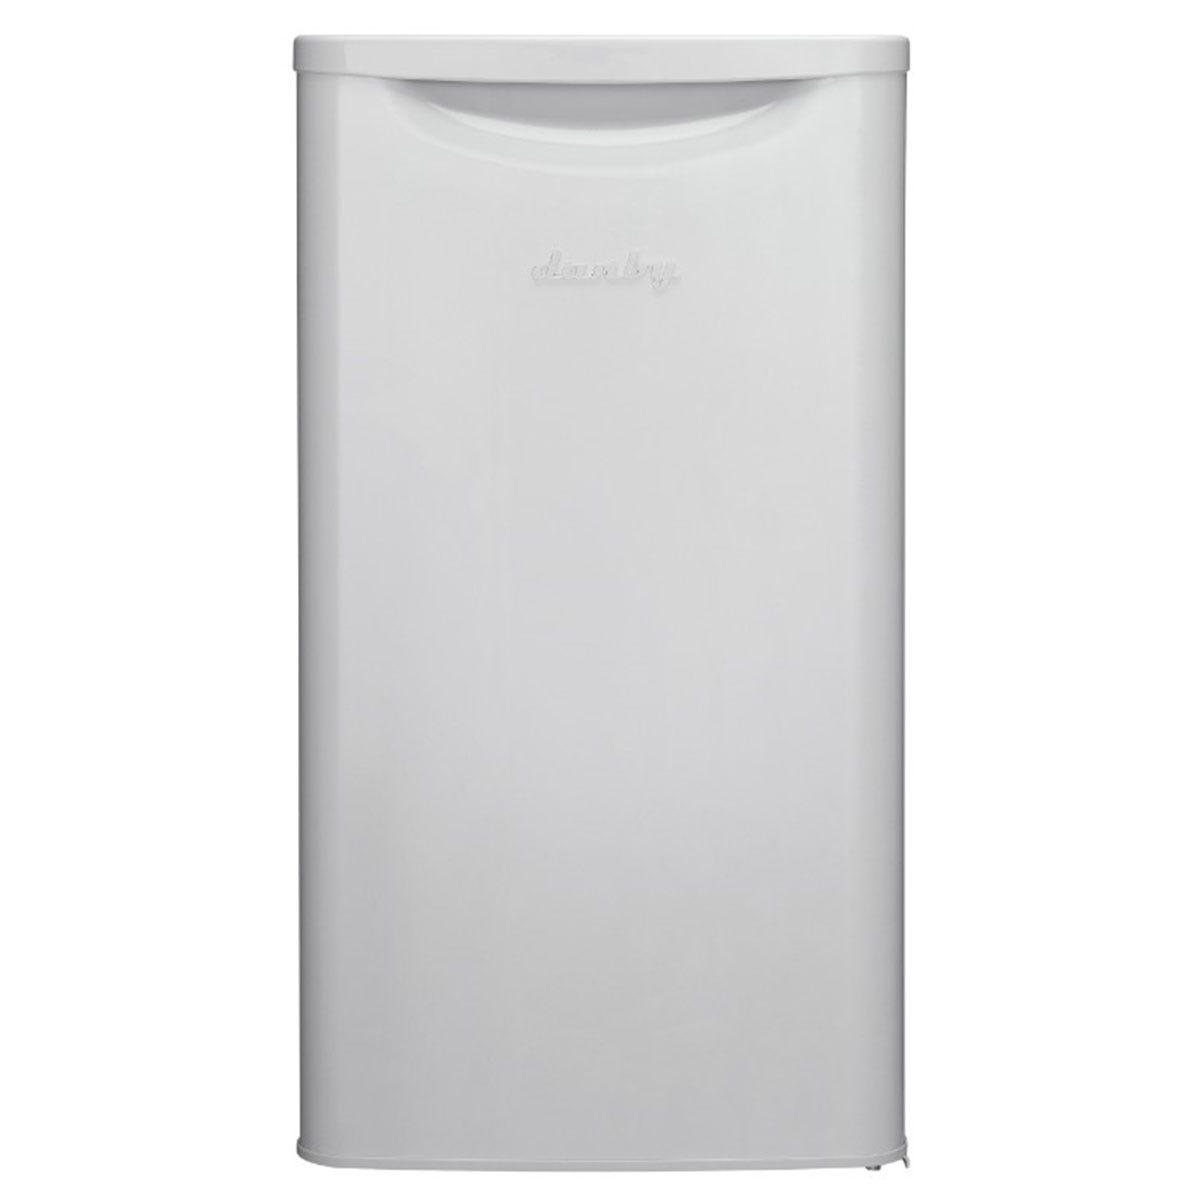 Danby DCR032KA1BDB 91L Fridge Freezer - White